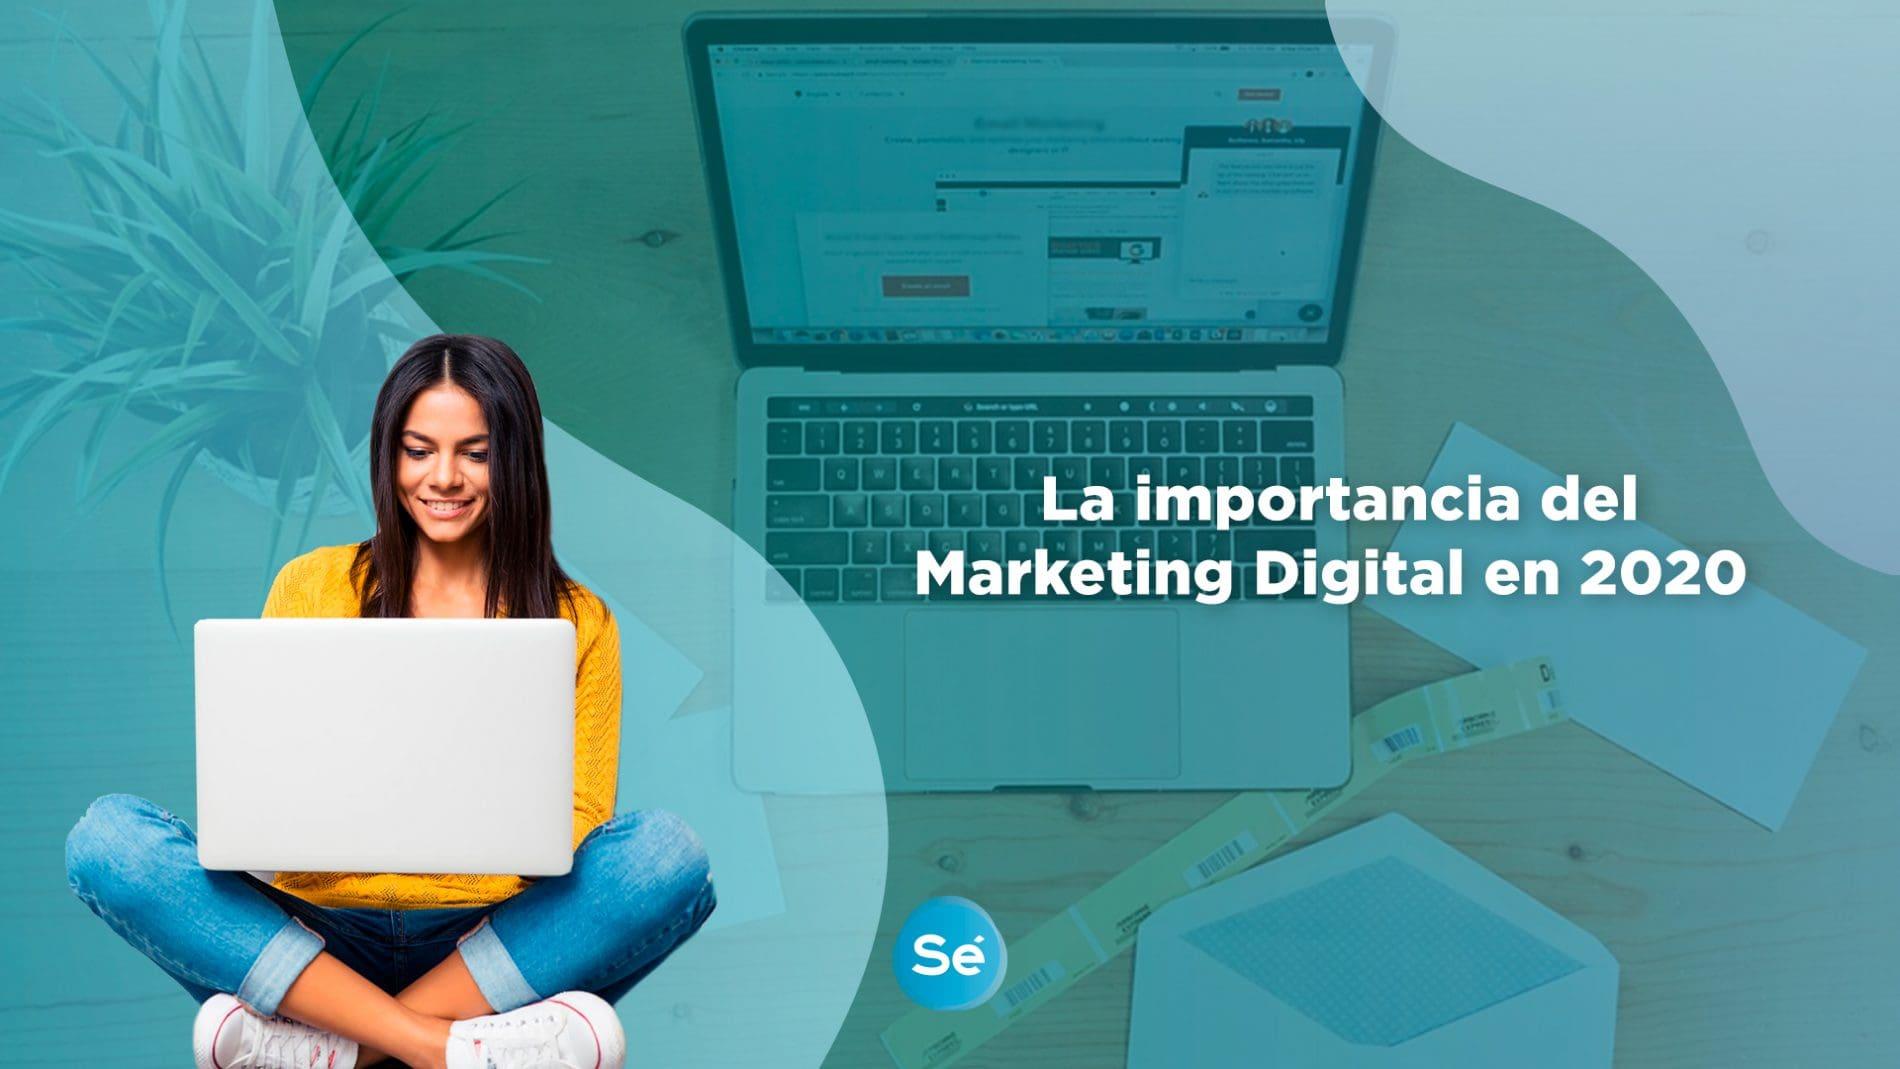 La importancia del Marketing Digital en 2020